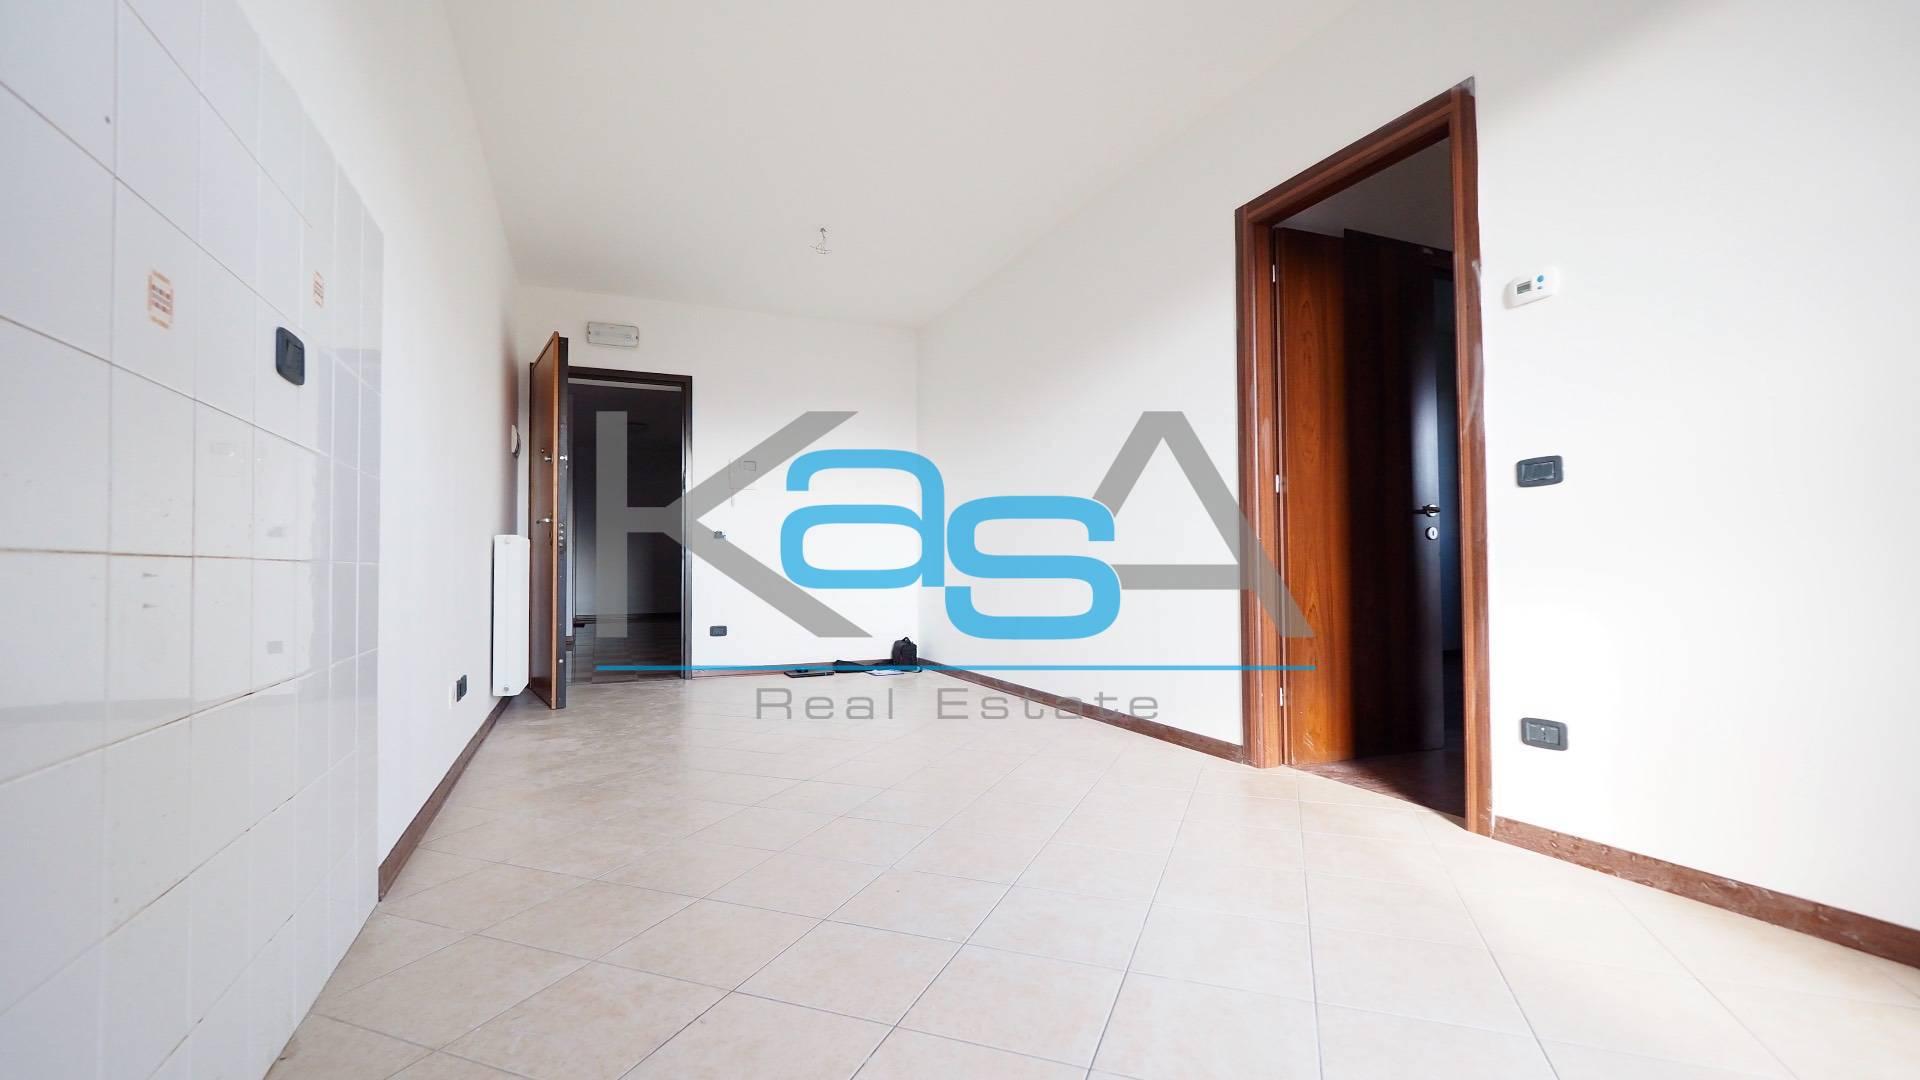 Appartamento in vendita a Spresiano, 3 locali, prezzo € 93.000 | CambioCasa.it